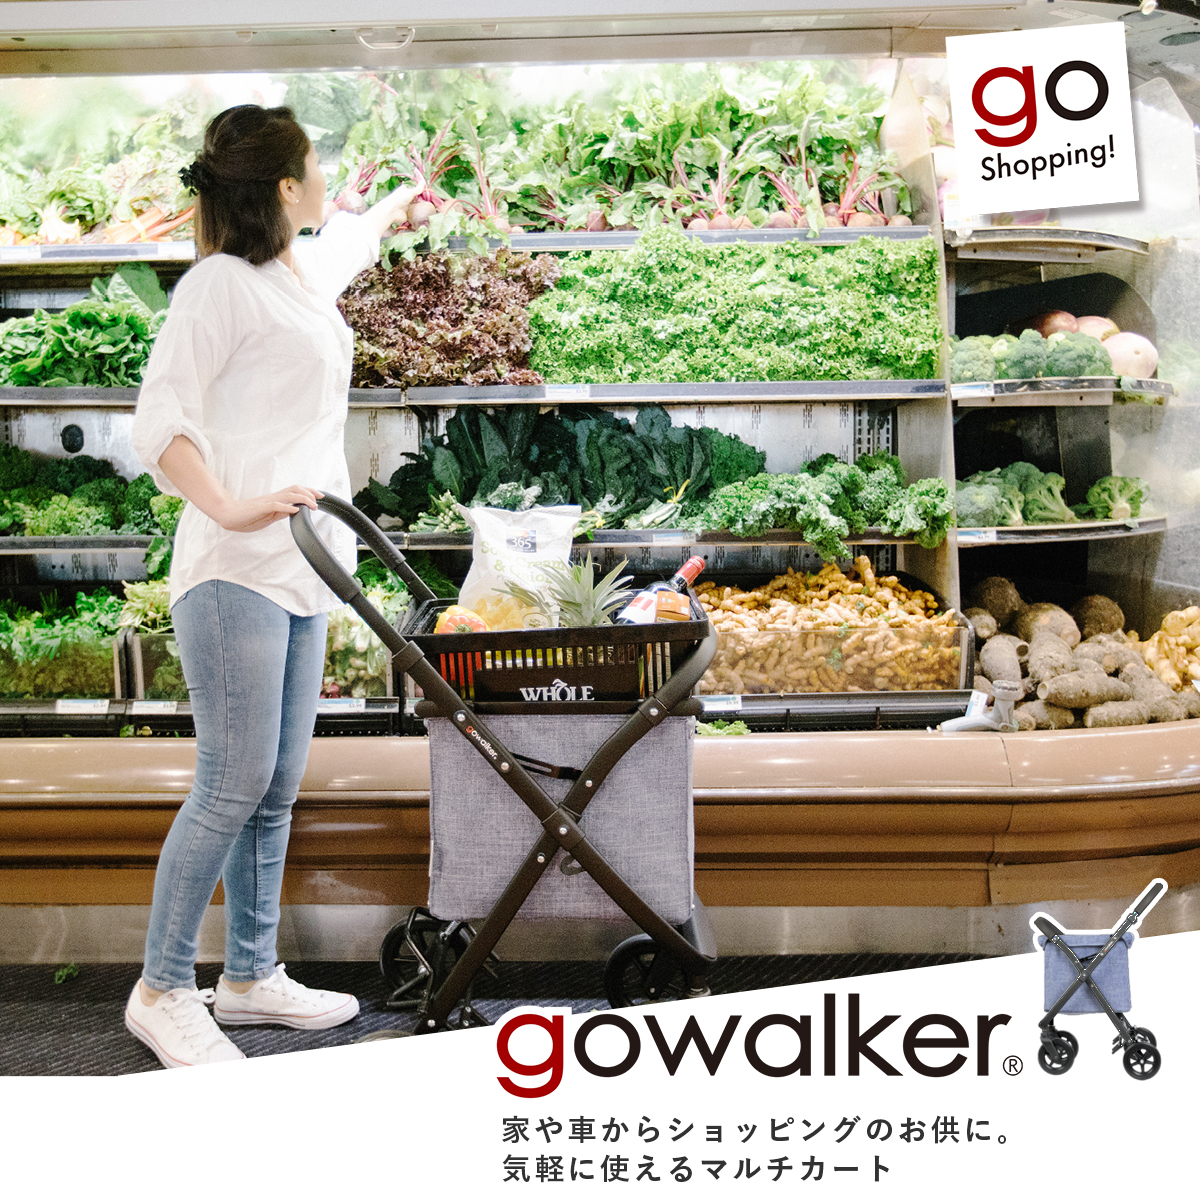 ゴーウォーカー(gowalker)[マルチバッグ+フレームセット][買い物 4輪 ショッピング マルチカート ショッピングカート キャリーバッグ ペットカート]